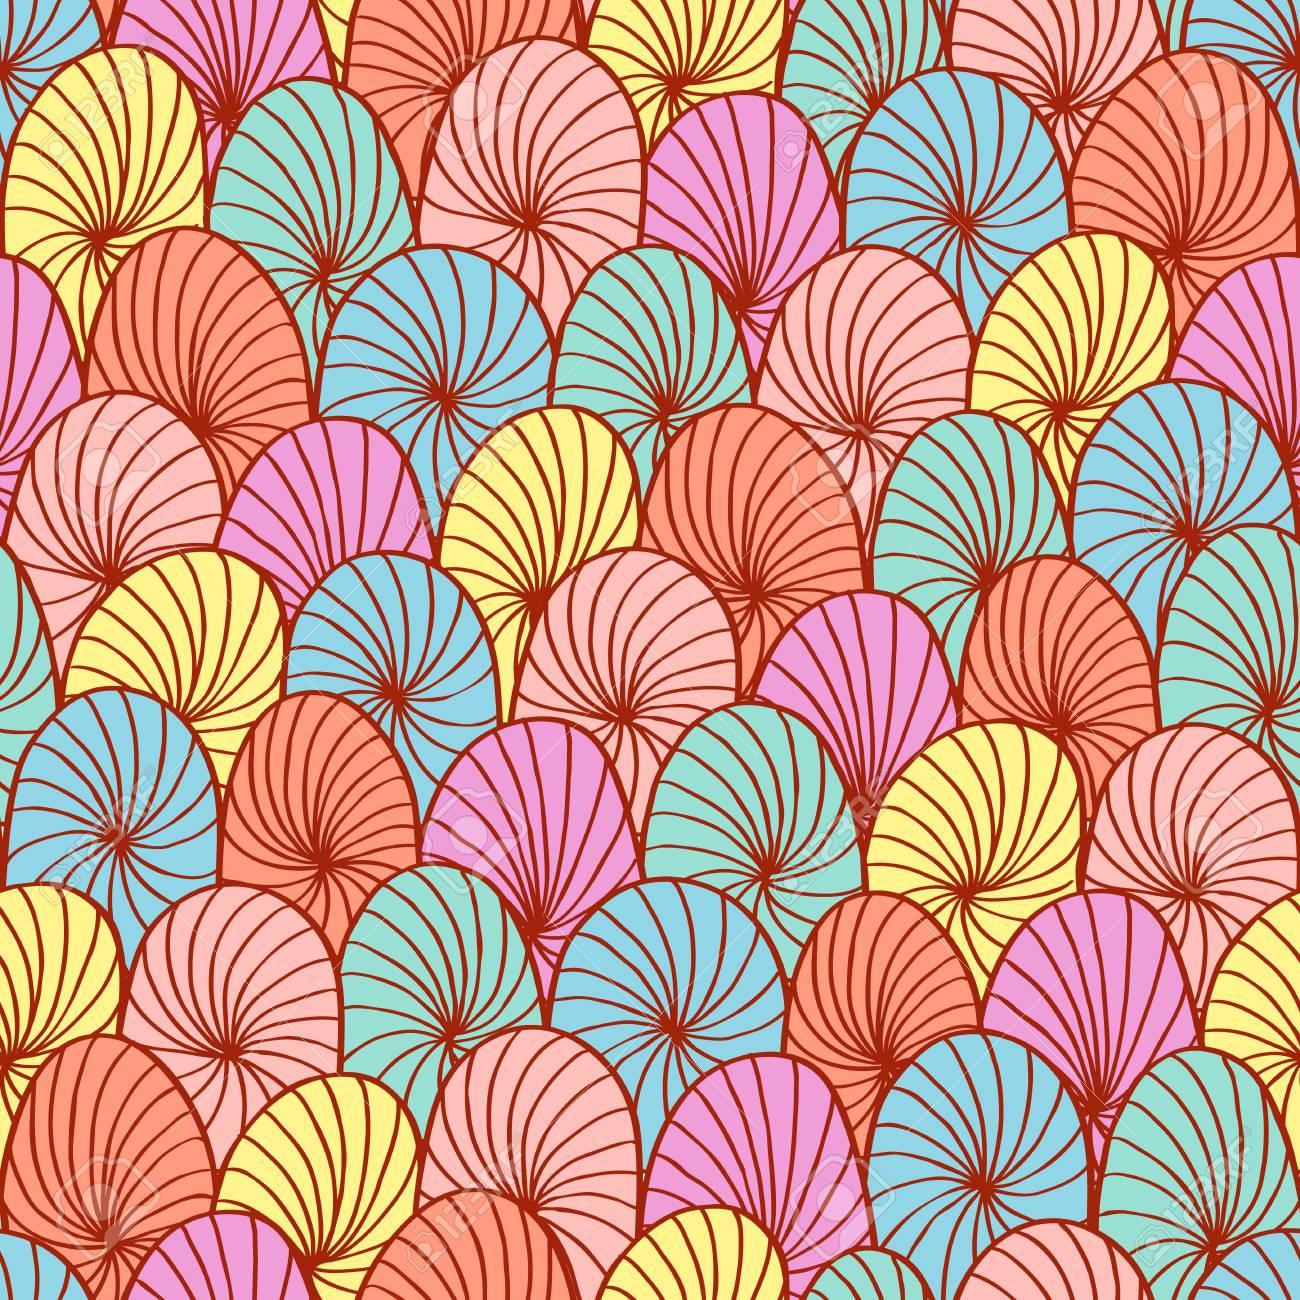 Abstract hand drawn circle seamless Stock Vector - 19267161